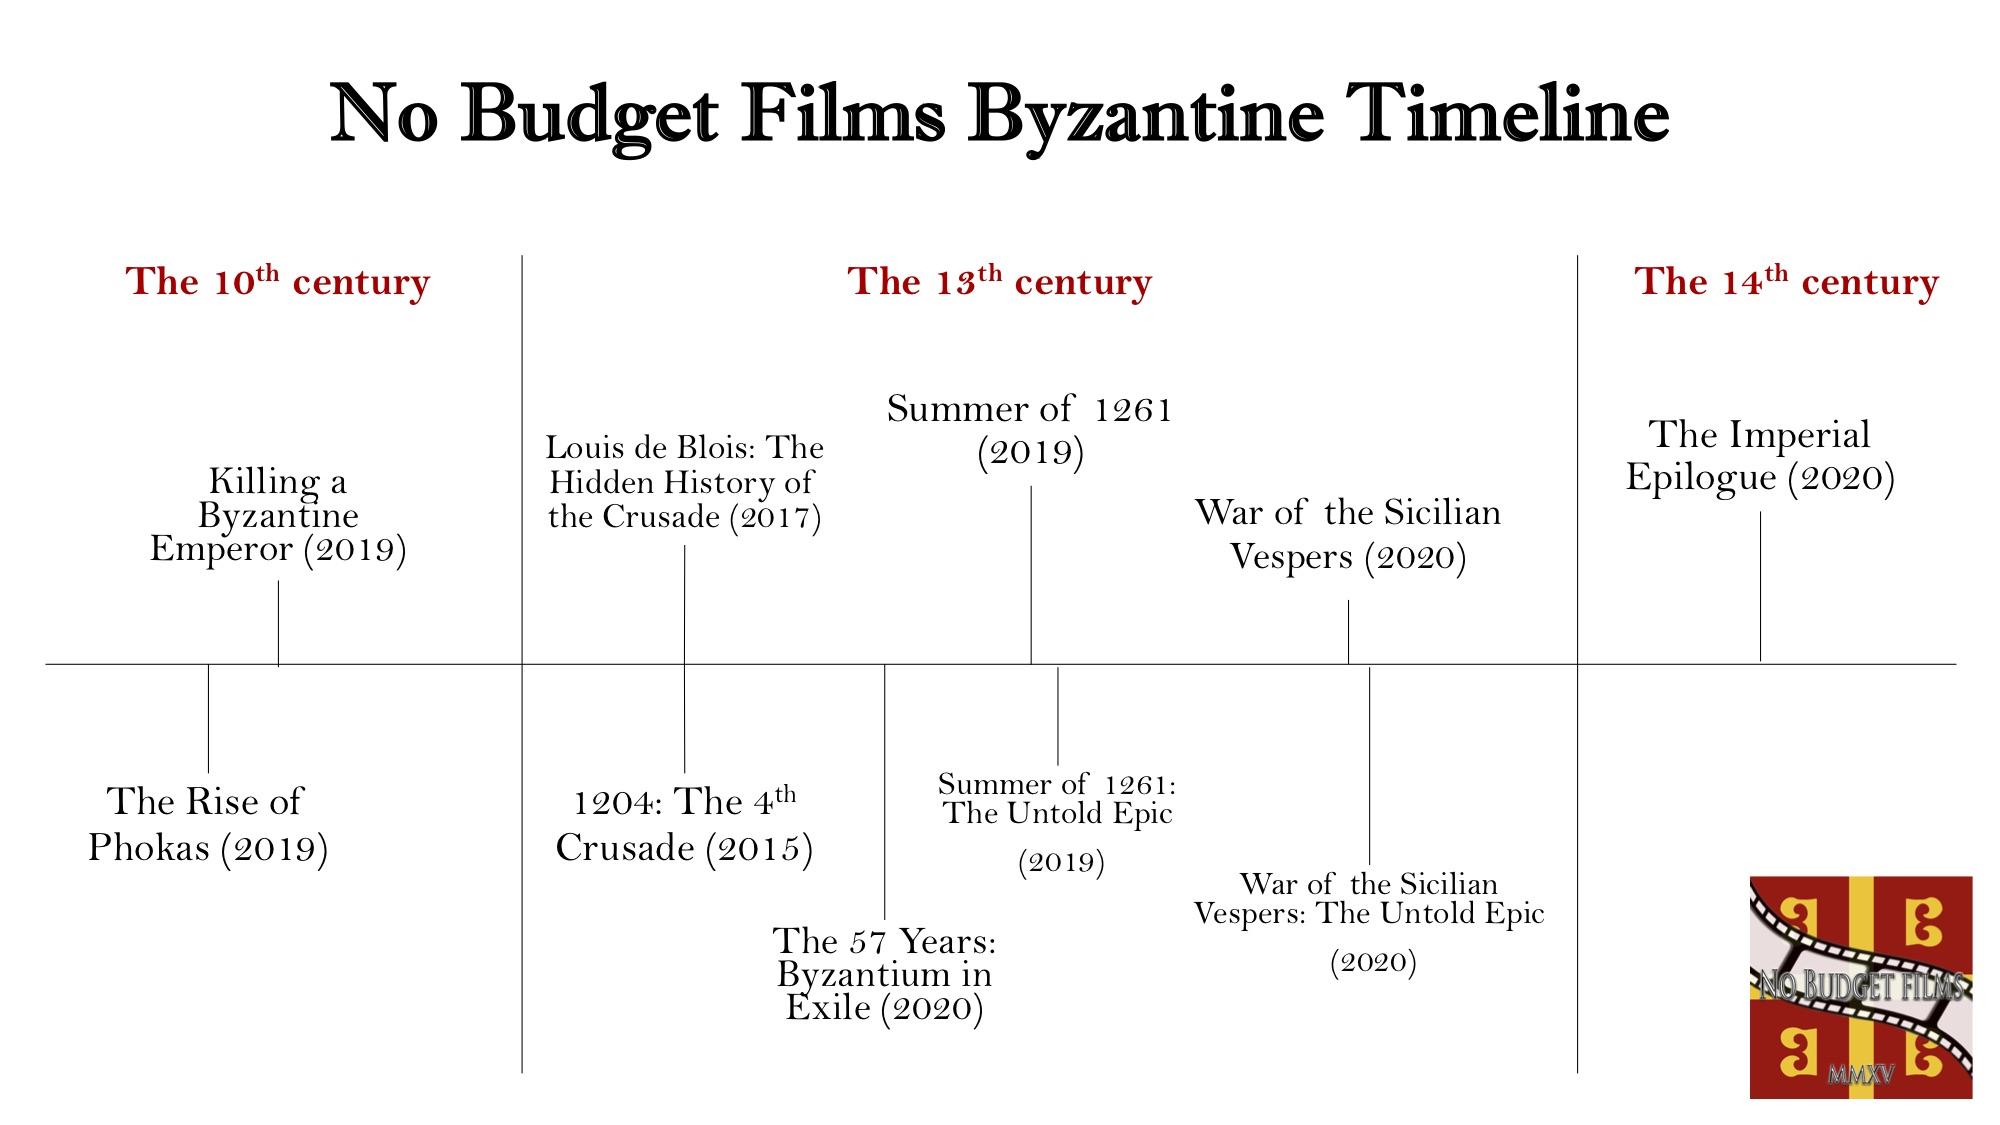 NBF Byzantium timeline